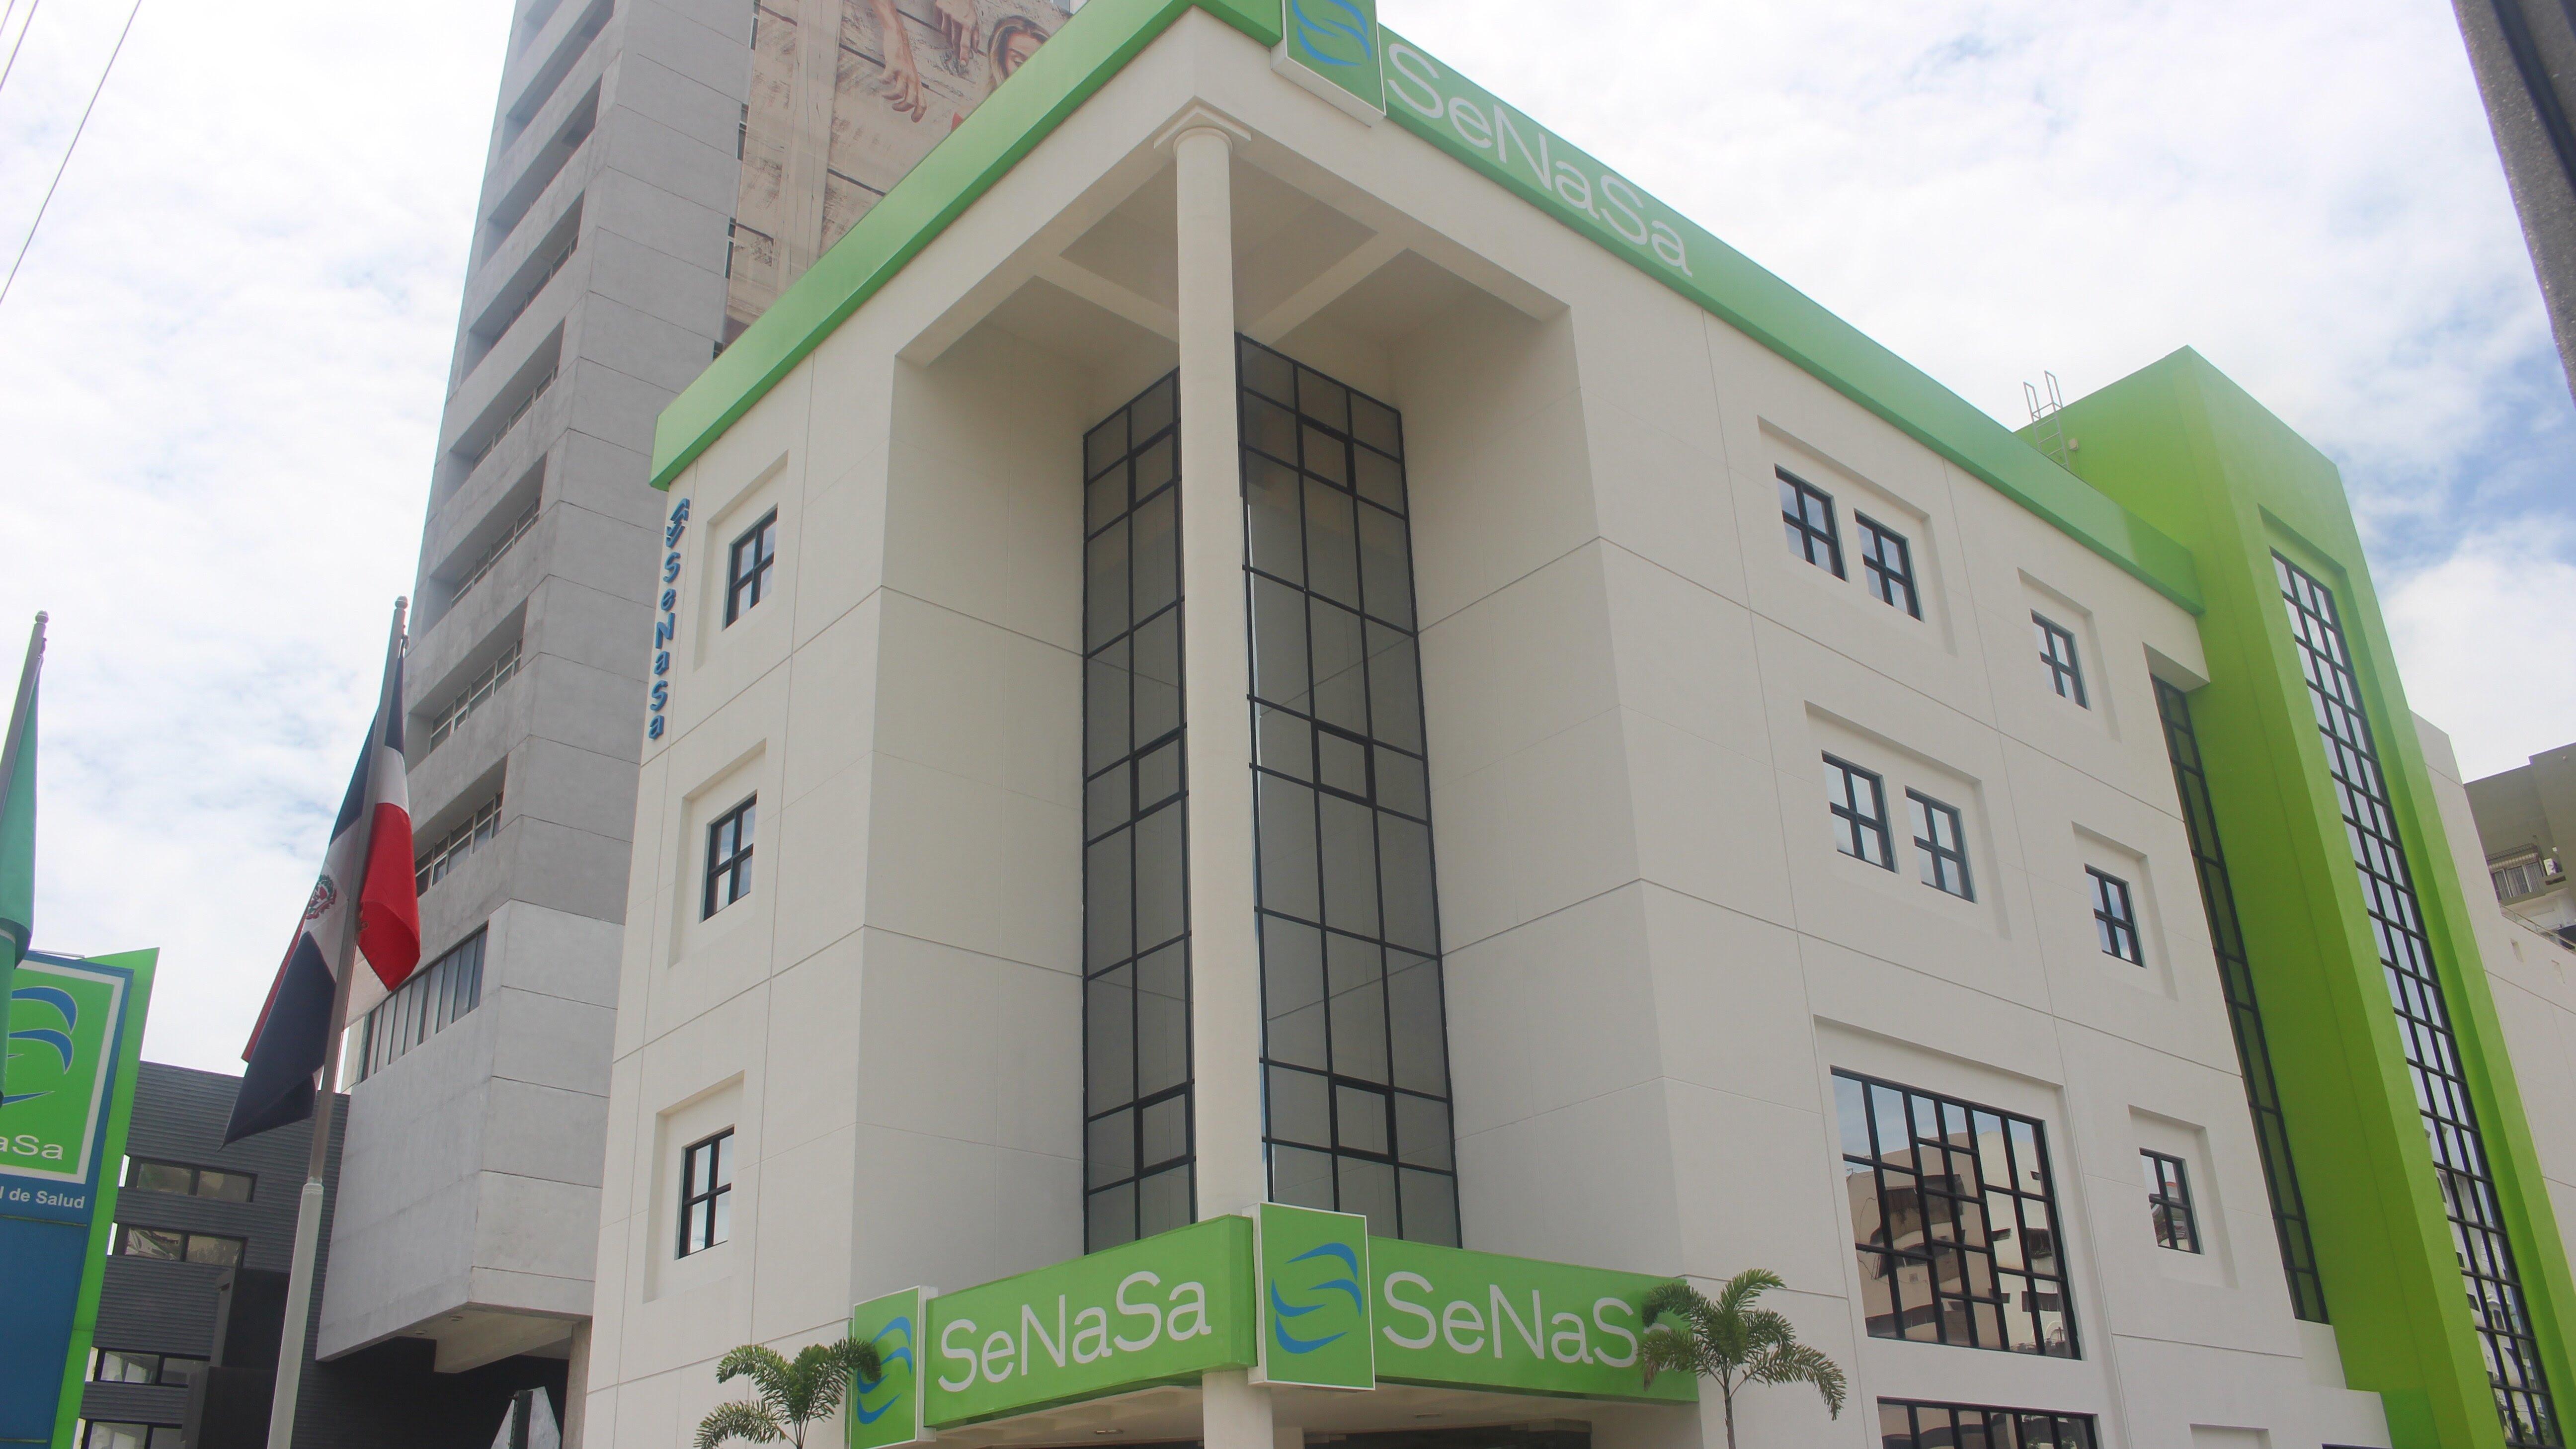 , 14 mil personas que viven con VIH SIDA tienen servicios de salud a través de SeNaSa